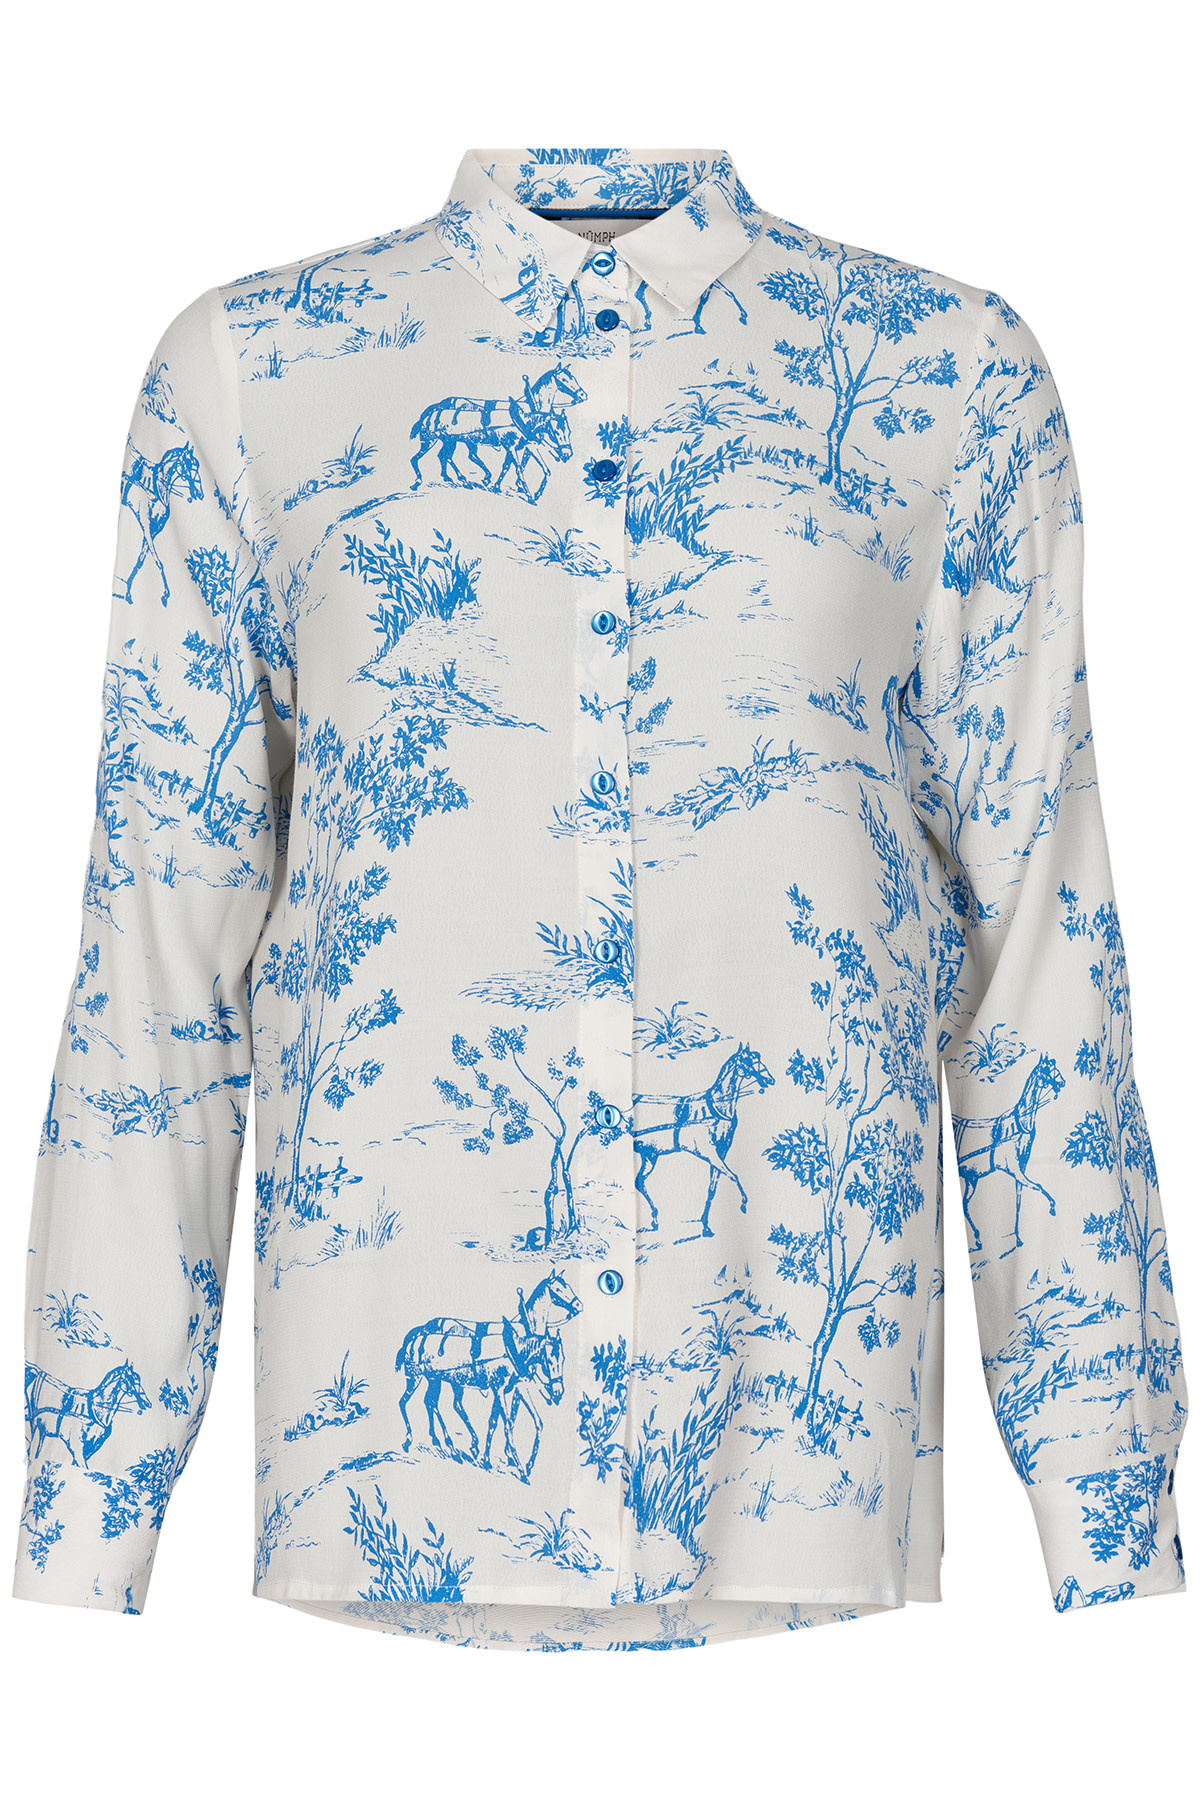 Nümph Arzilla Shirt